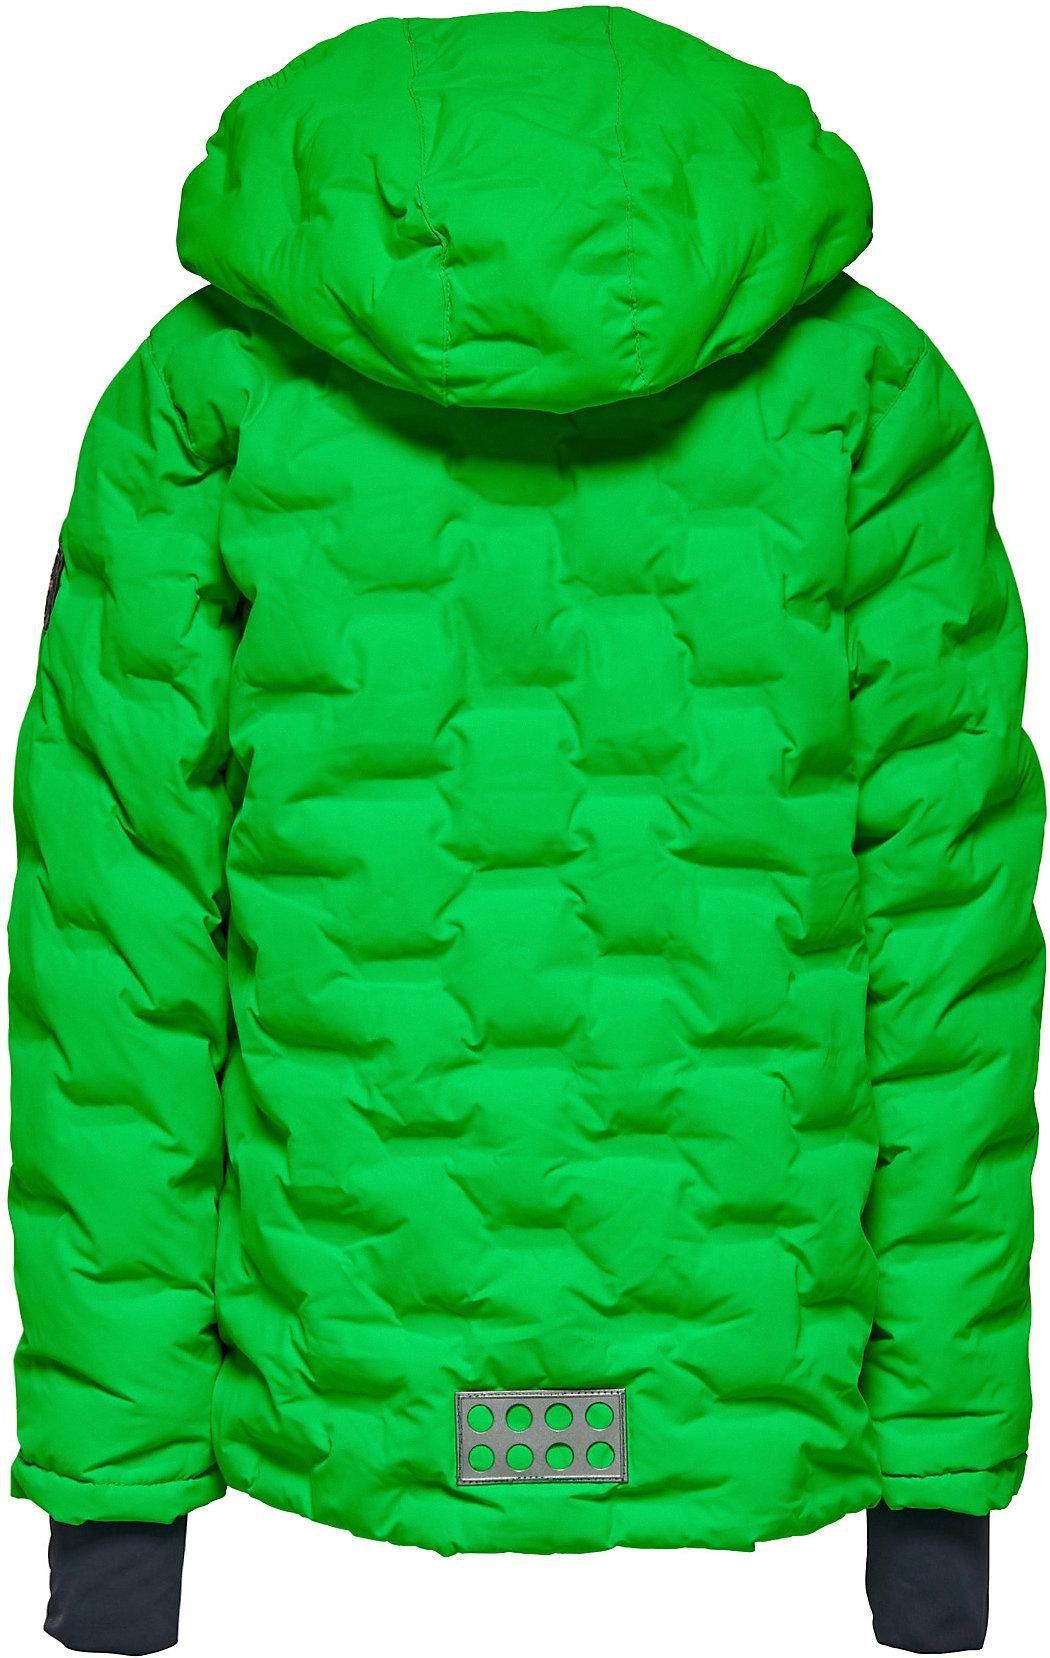 Grün 8583573 Wear Jungen Zu Winterjacke Für Neu Details Lego PkTwXiOZu